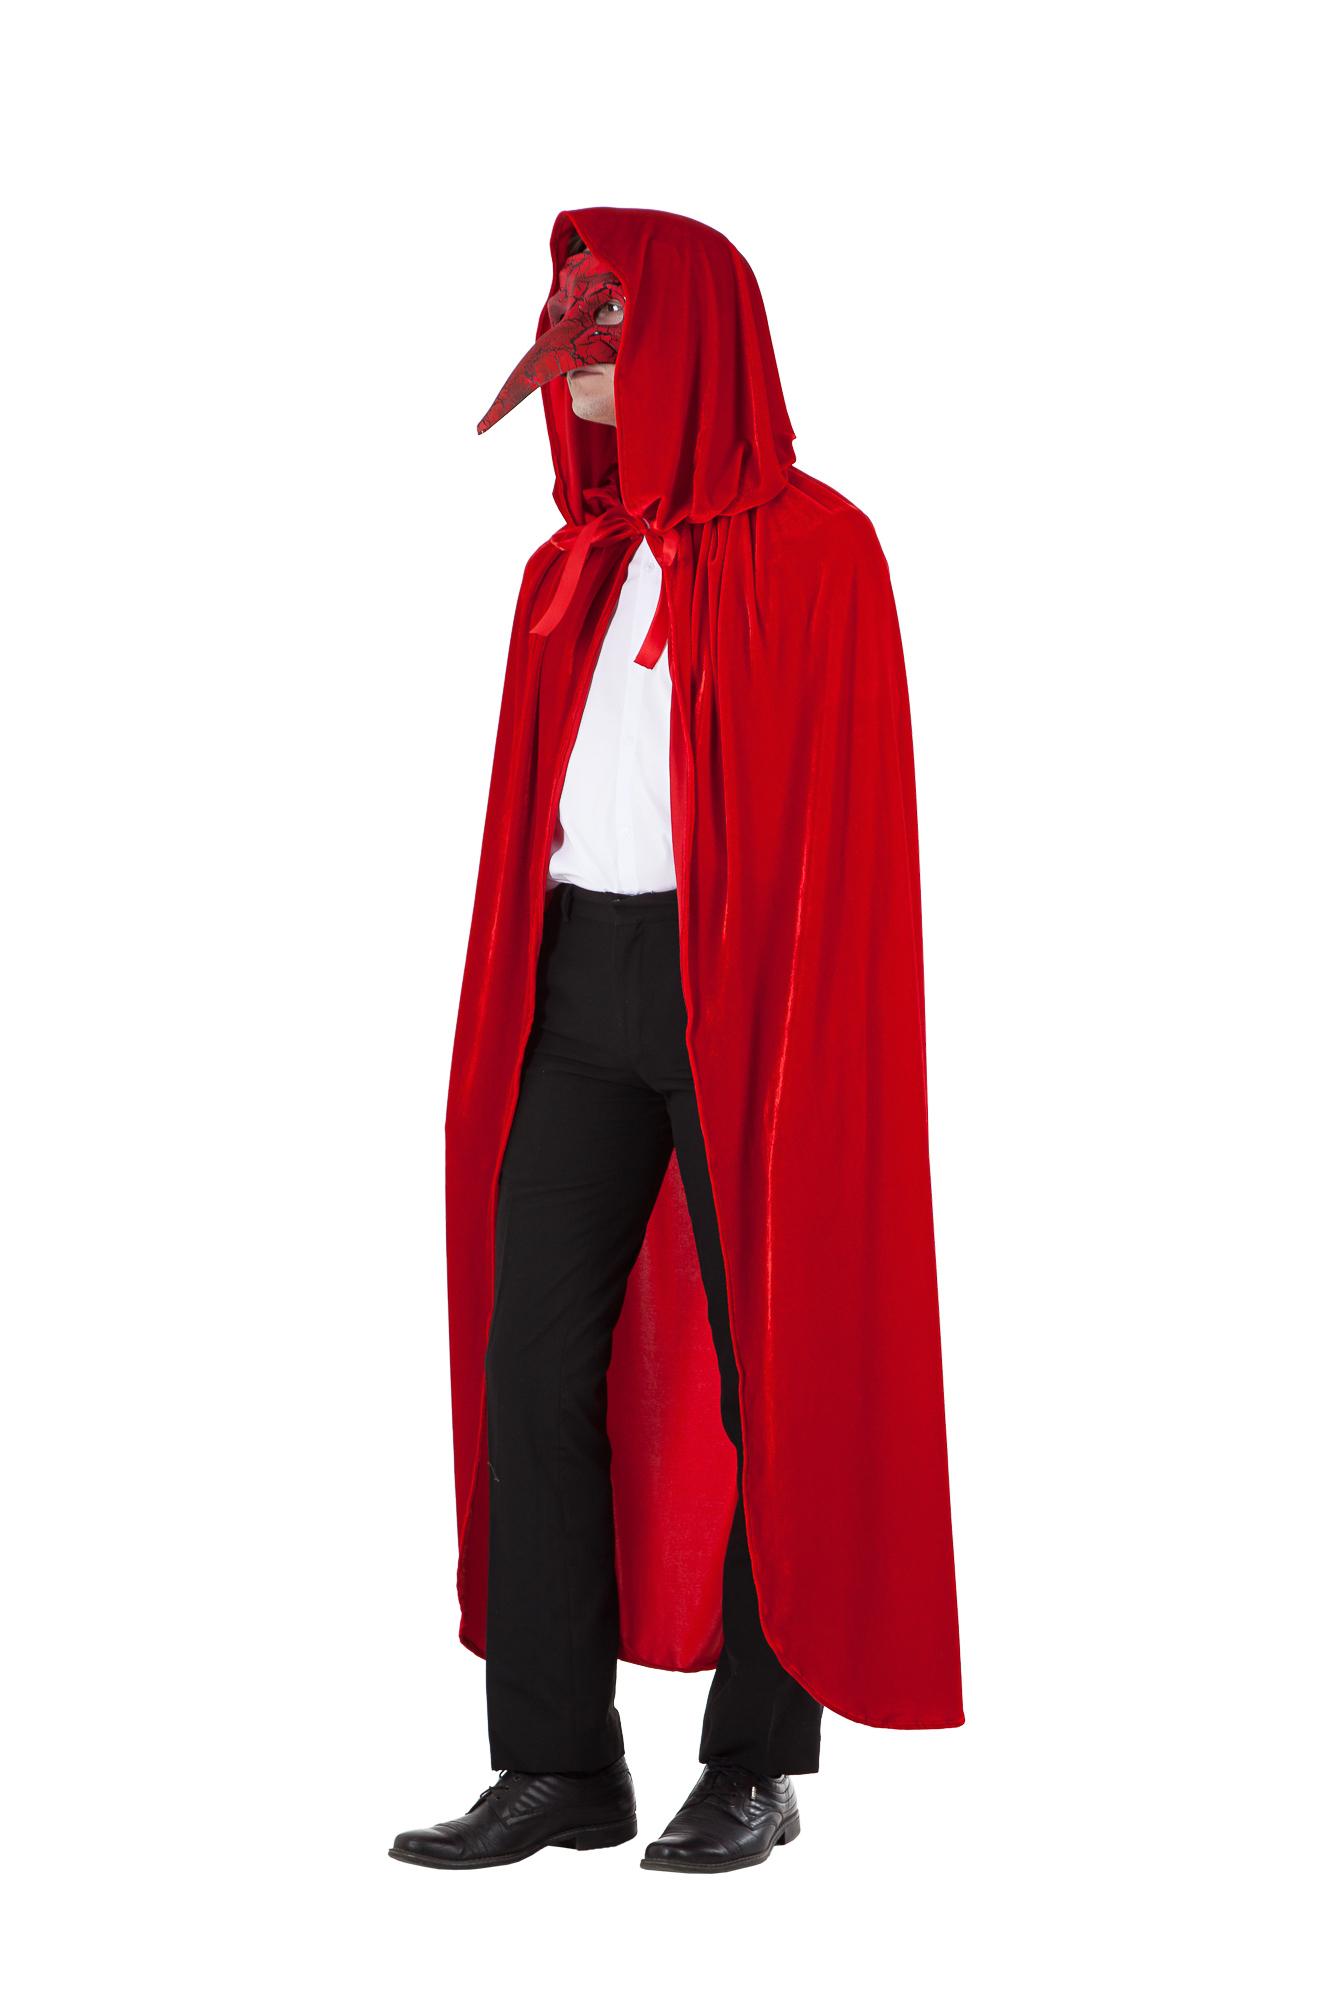 Костюм Доктора чумы красный, универсальный